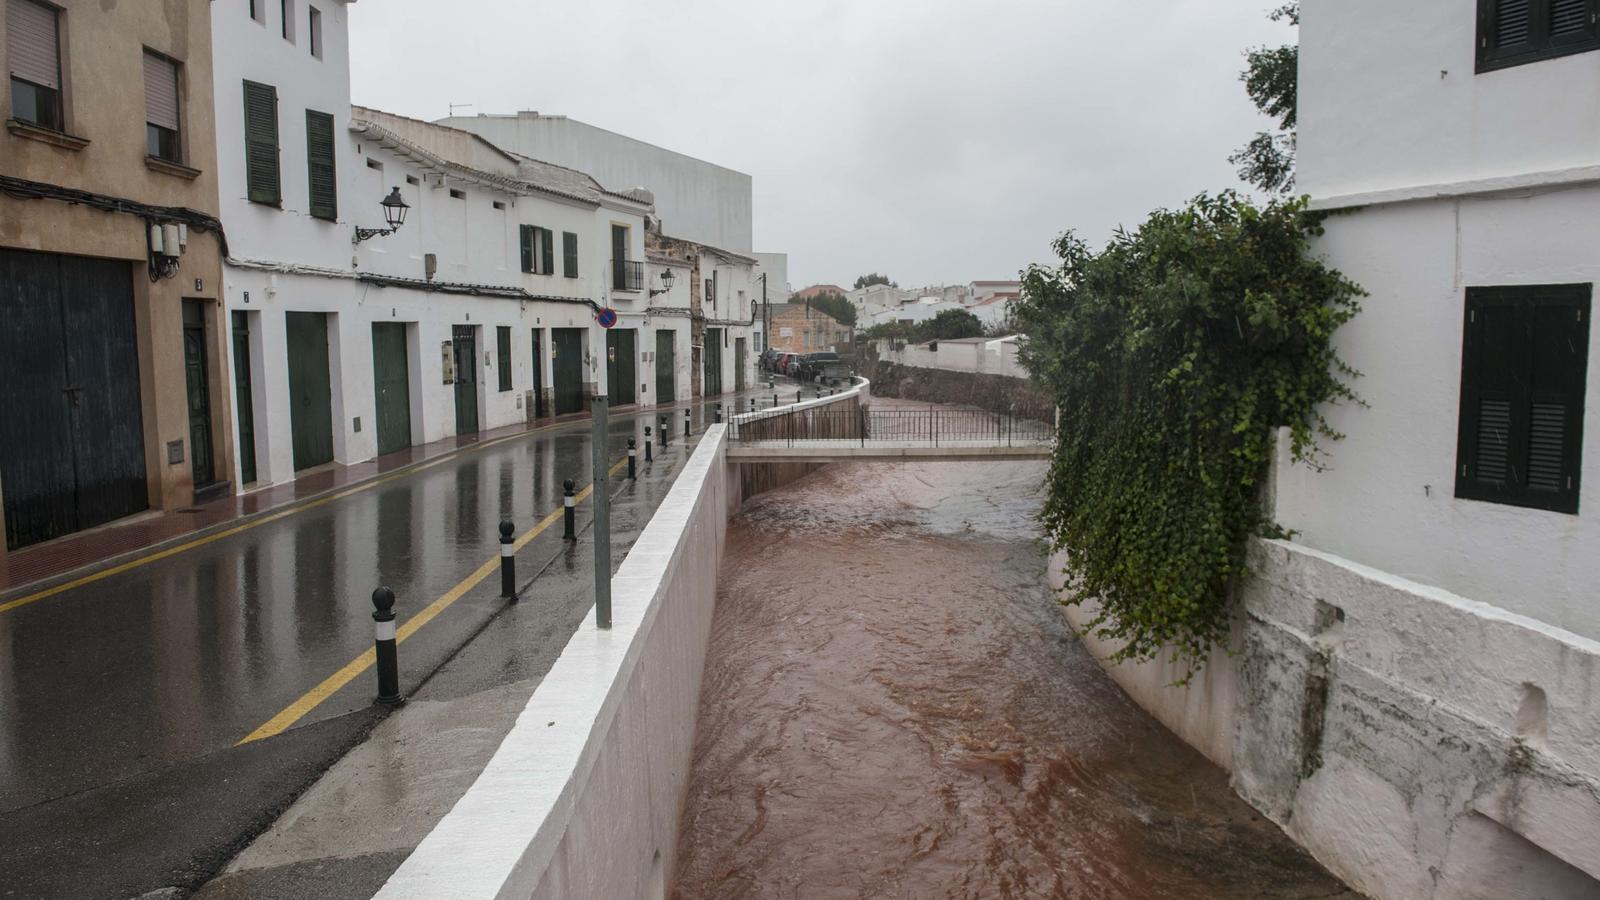 Imatge de Es Mercadal, Menorca. / DAVID ARQUIMBAU